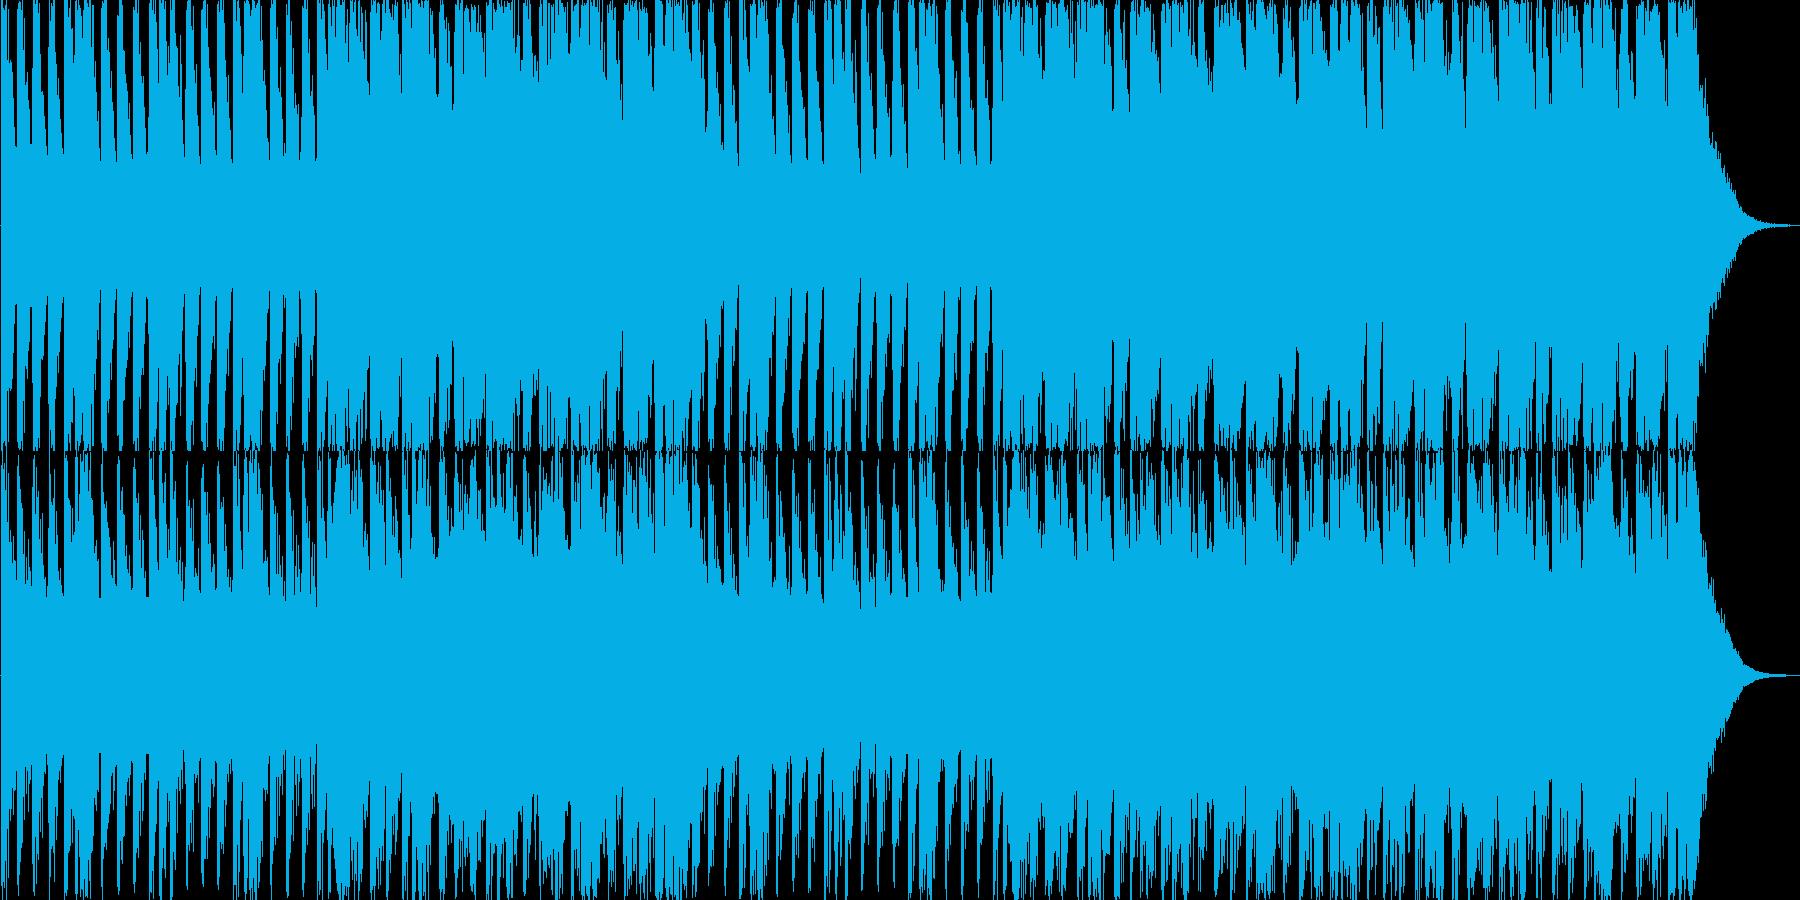 バトルシーン(オーケストラ風)の再生済みの波形